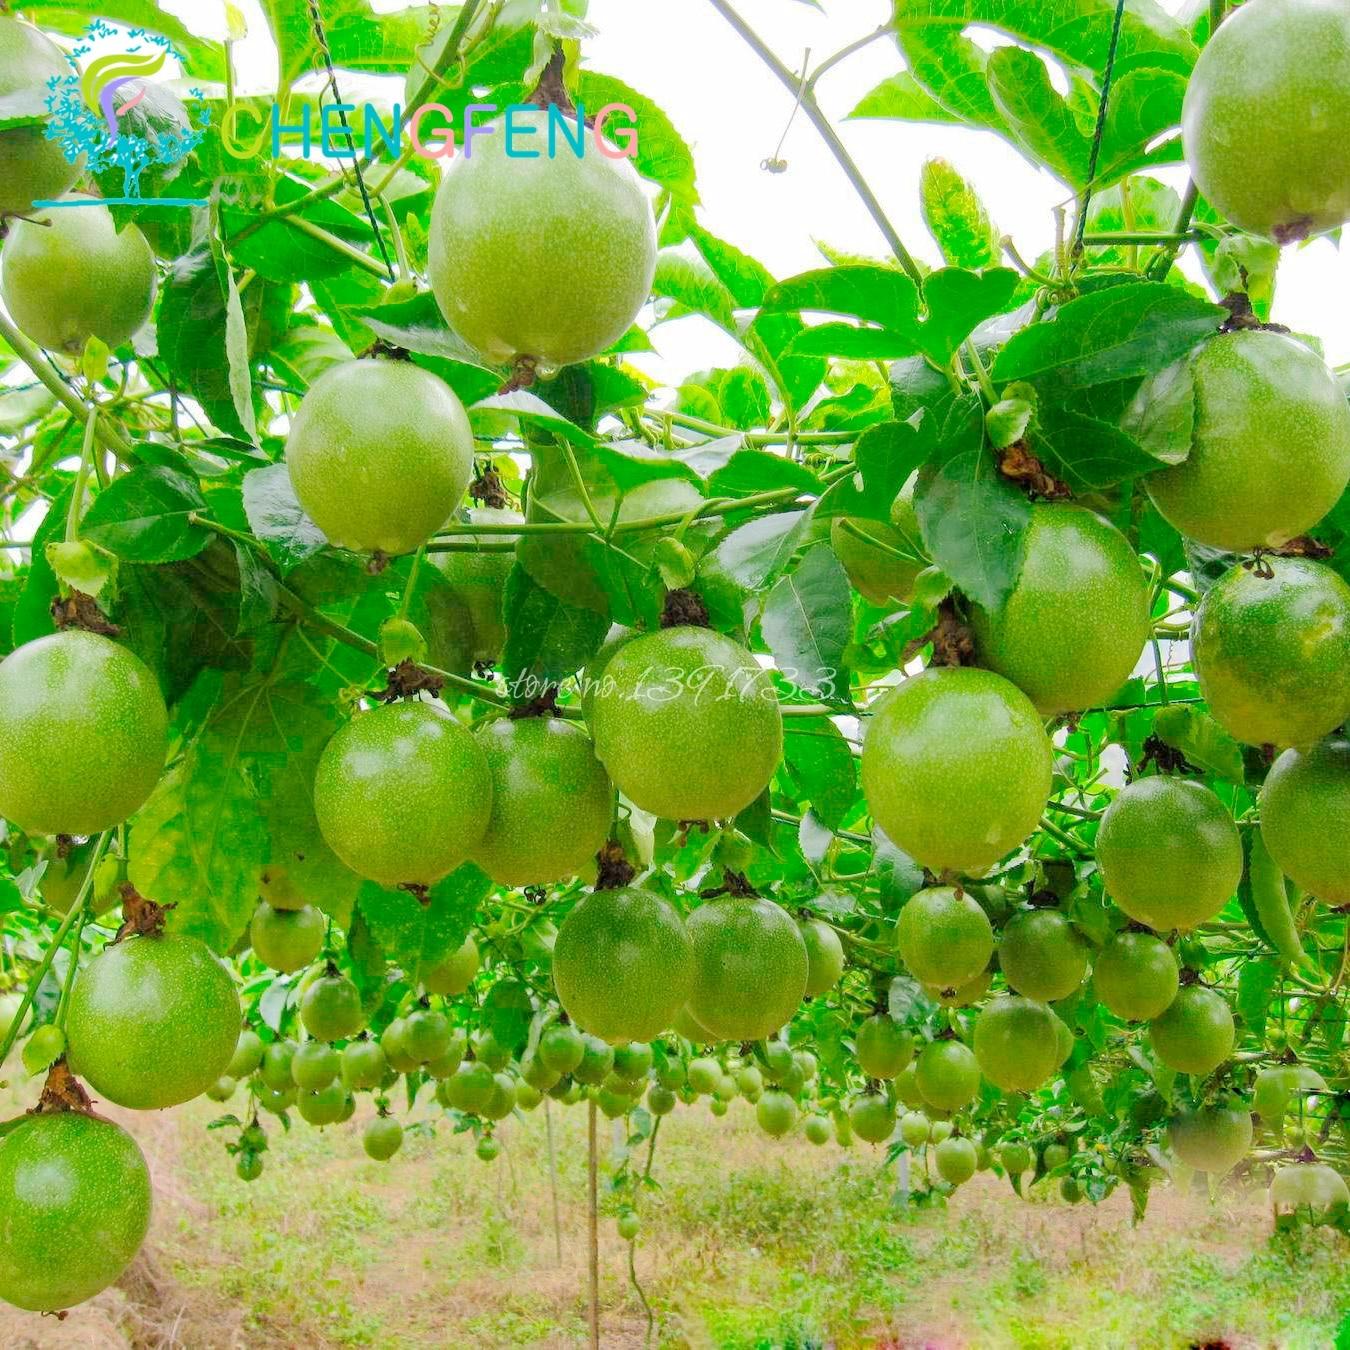 20 Graines Passion Fruits Graines Passiflora Caerulea Frais Fleurs ...